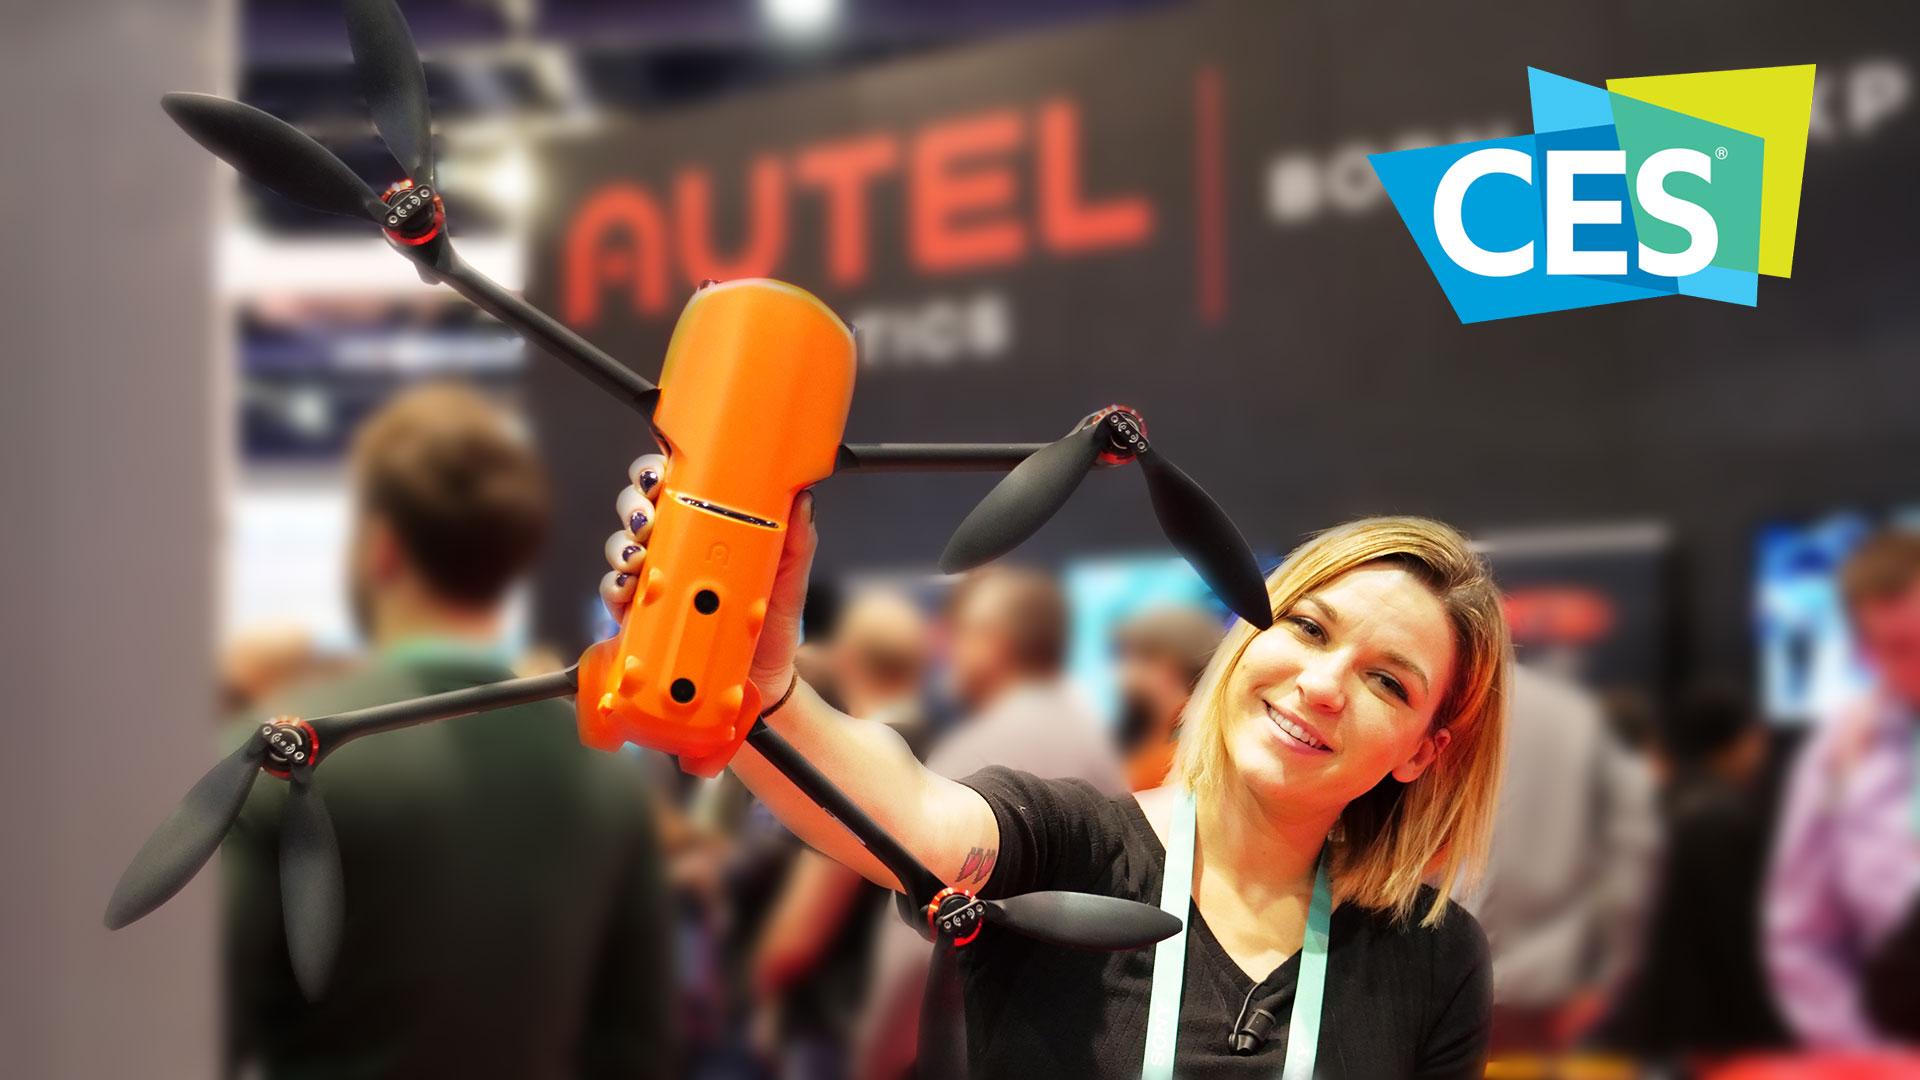 Autel EVO II: il vero concorrente di DJI Mavic 2? | CES 2020 thumbnail